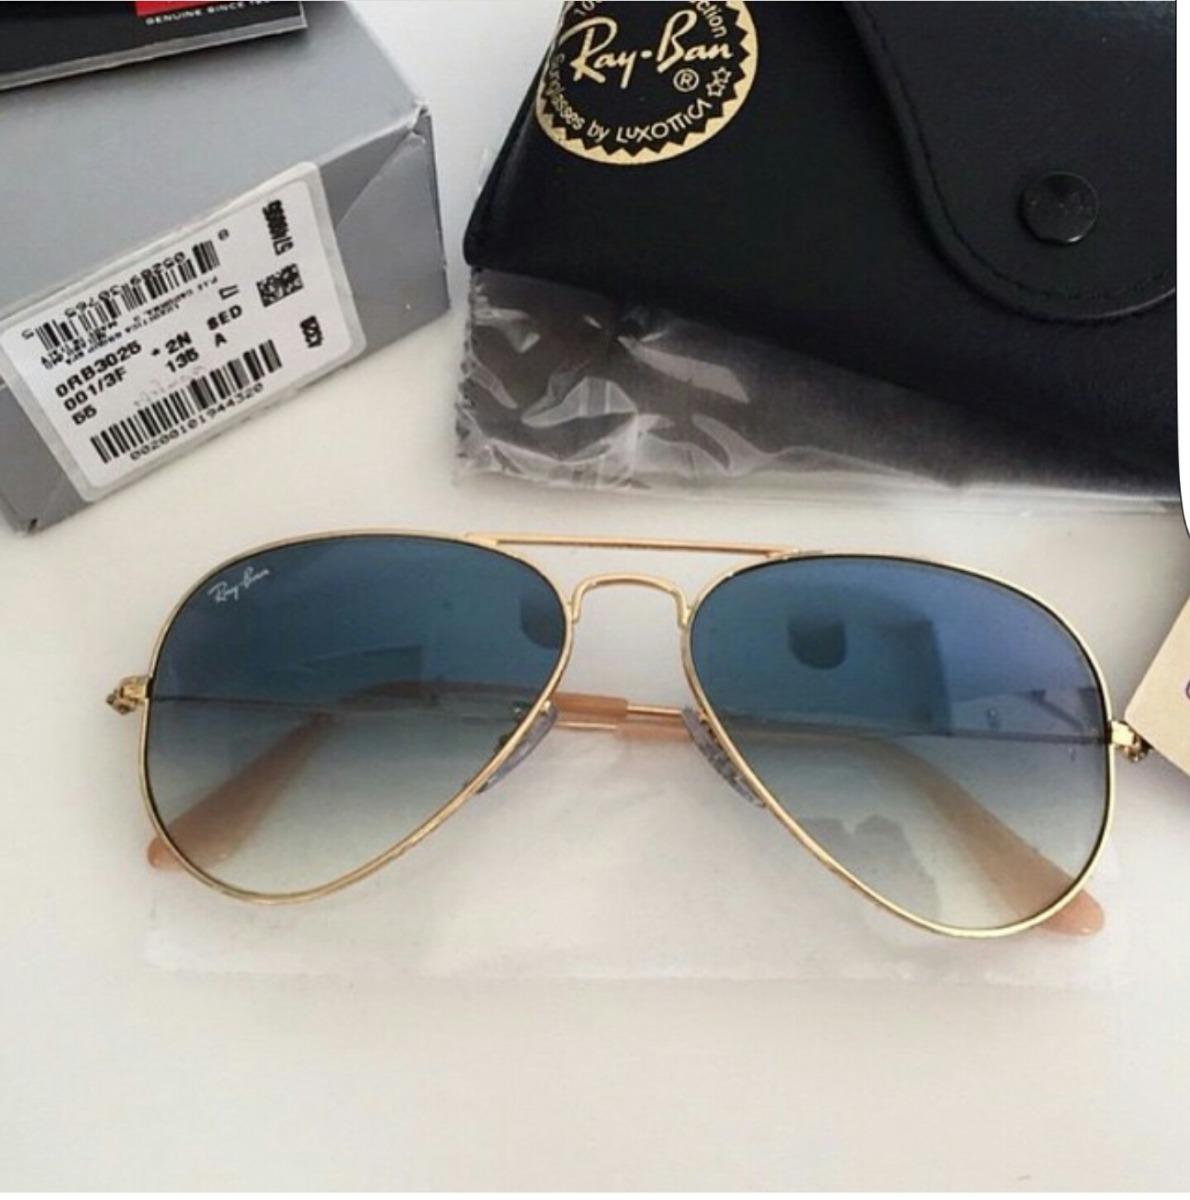 779b1e6c8 Óculos Ray-ban Rb3025 Aviador Azul Degrade M 58 - R$ 320,00 em ...